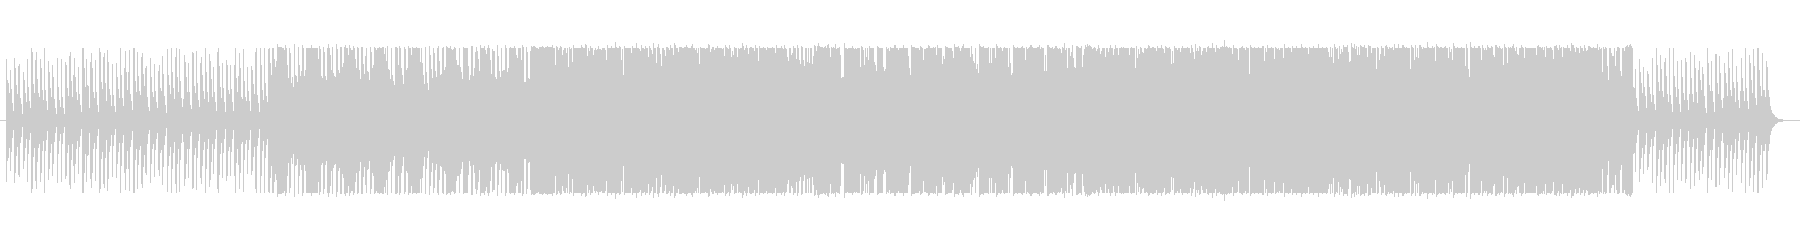 CMにオリエンタルなエレクトロ Mの未再生の波形